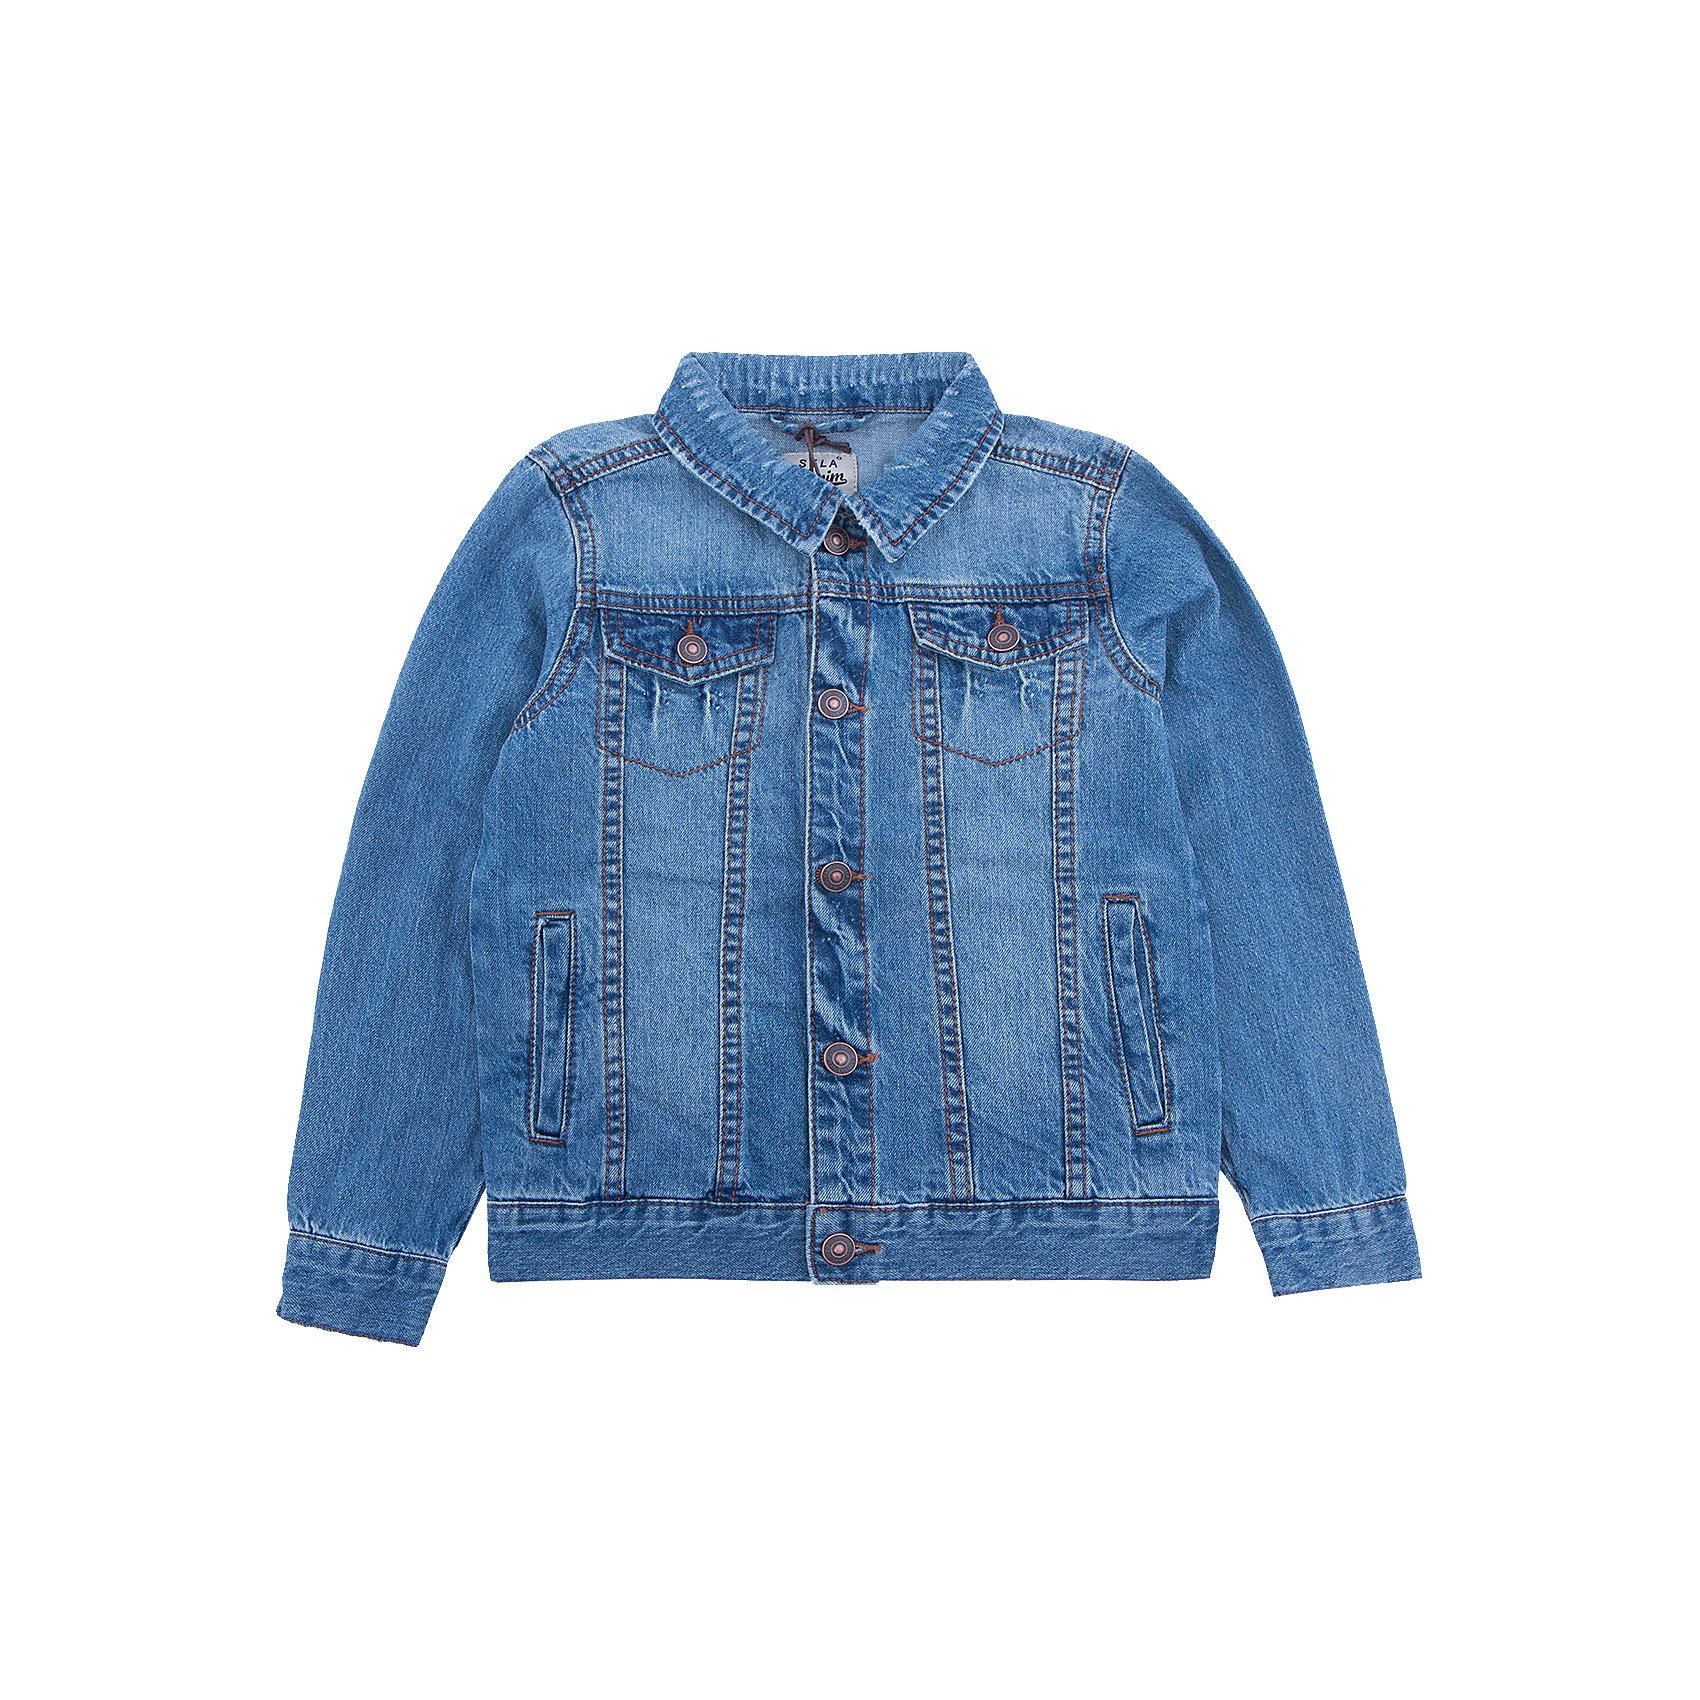 Куртка джинсовая для мальчика SELAДжинсовая одежда<br>Куртка для мальчика от известного бренда SELA<br>Состав:<br>100% хлопок<br><br>Ширина мм: 356<br>Глубина мм: 10<br>Высота мм: 245<br>Вес г: 519<br>Цвет: синий джинс<br>Возраст от месяцев: 18<br>Возраст до месяцев: 24<br>Пол: Мужской<br>Возраст: Детский<br>Размер: 92,116,98,104,110<br>SKU: 5305708